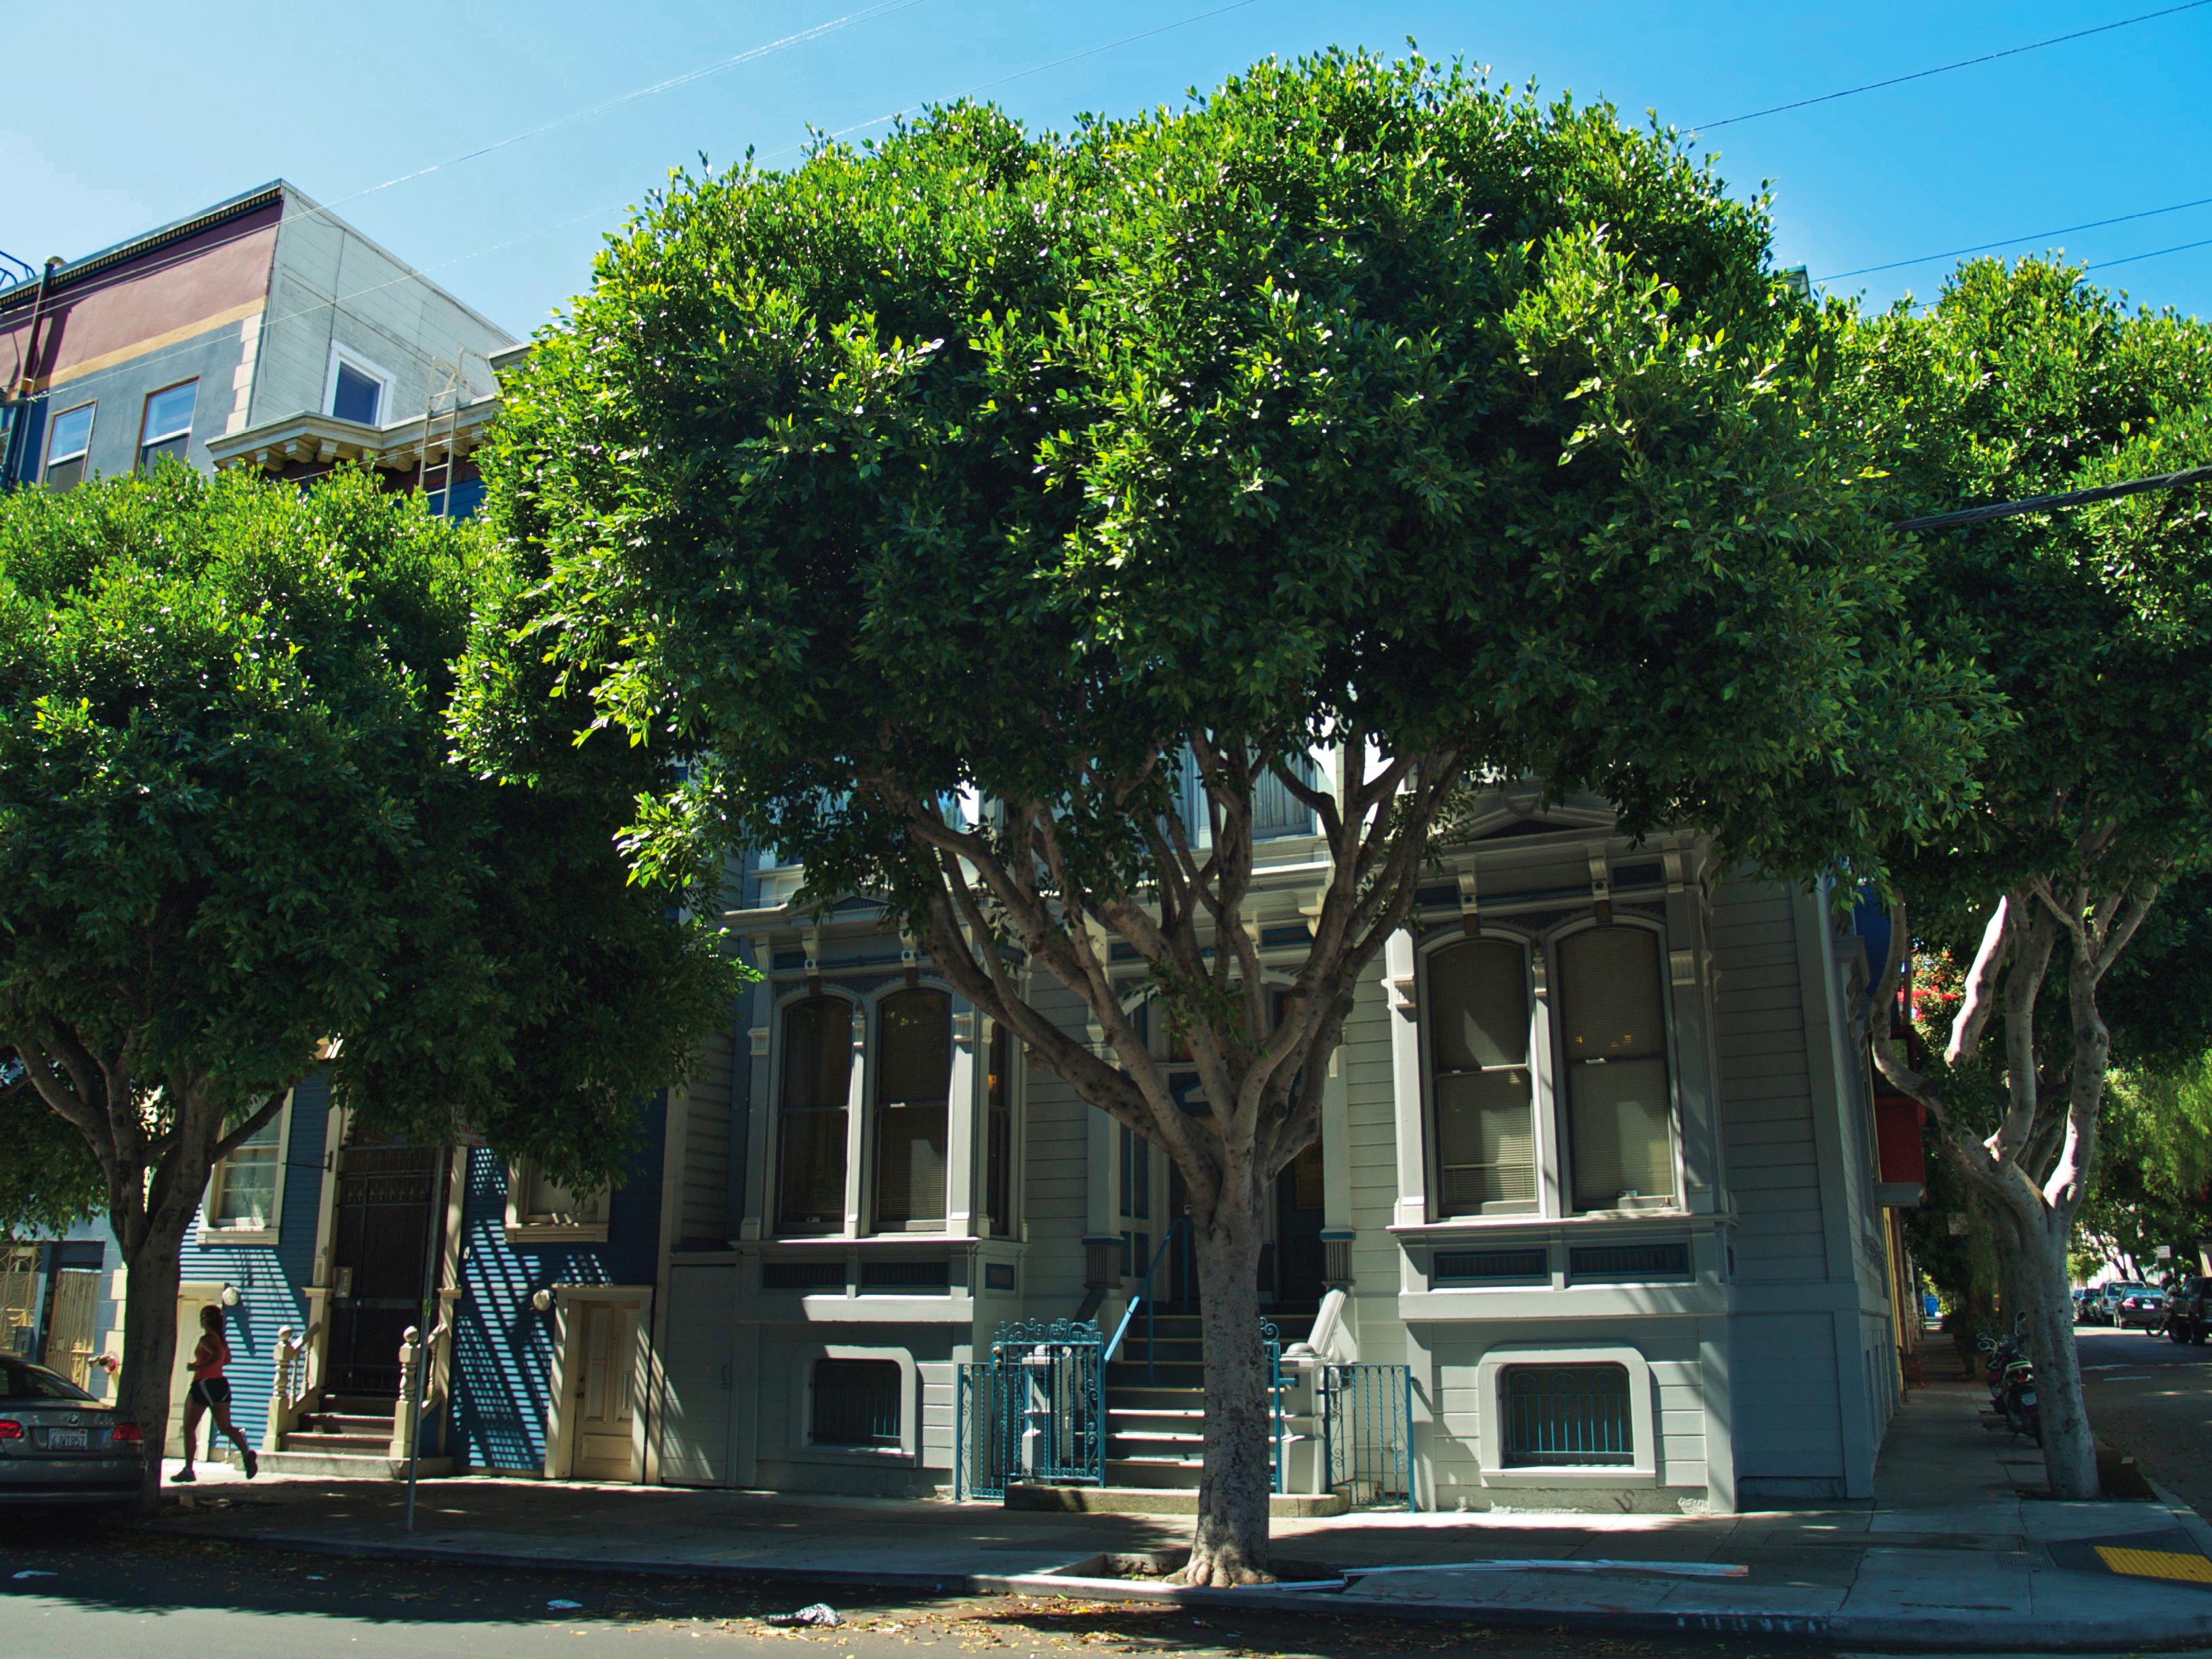 tree-lined street in SF